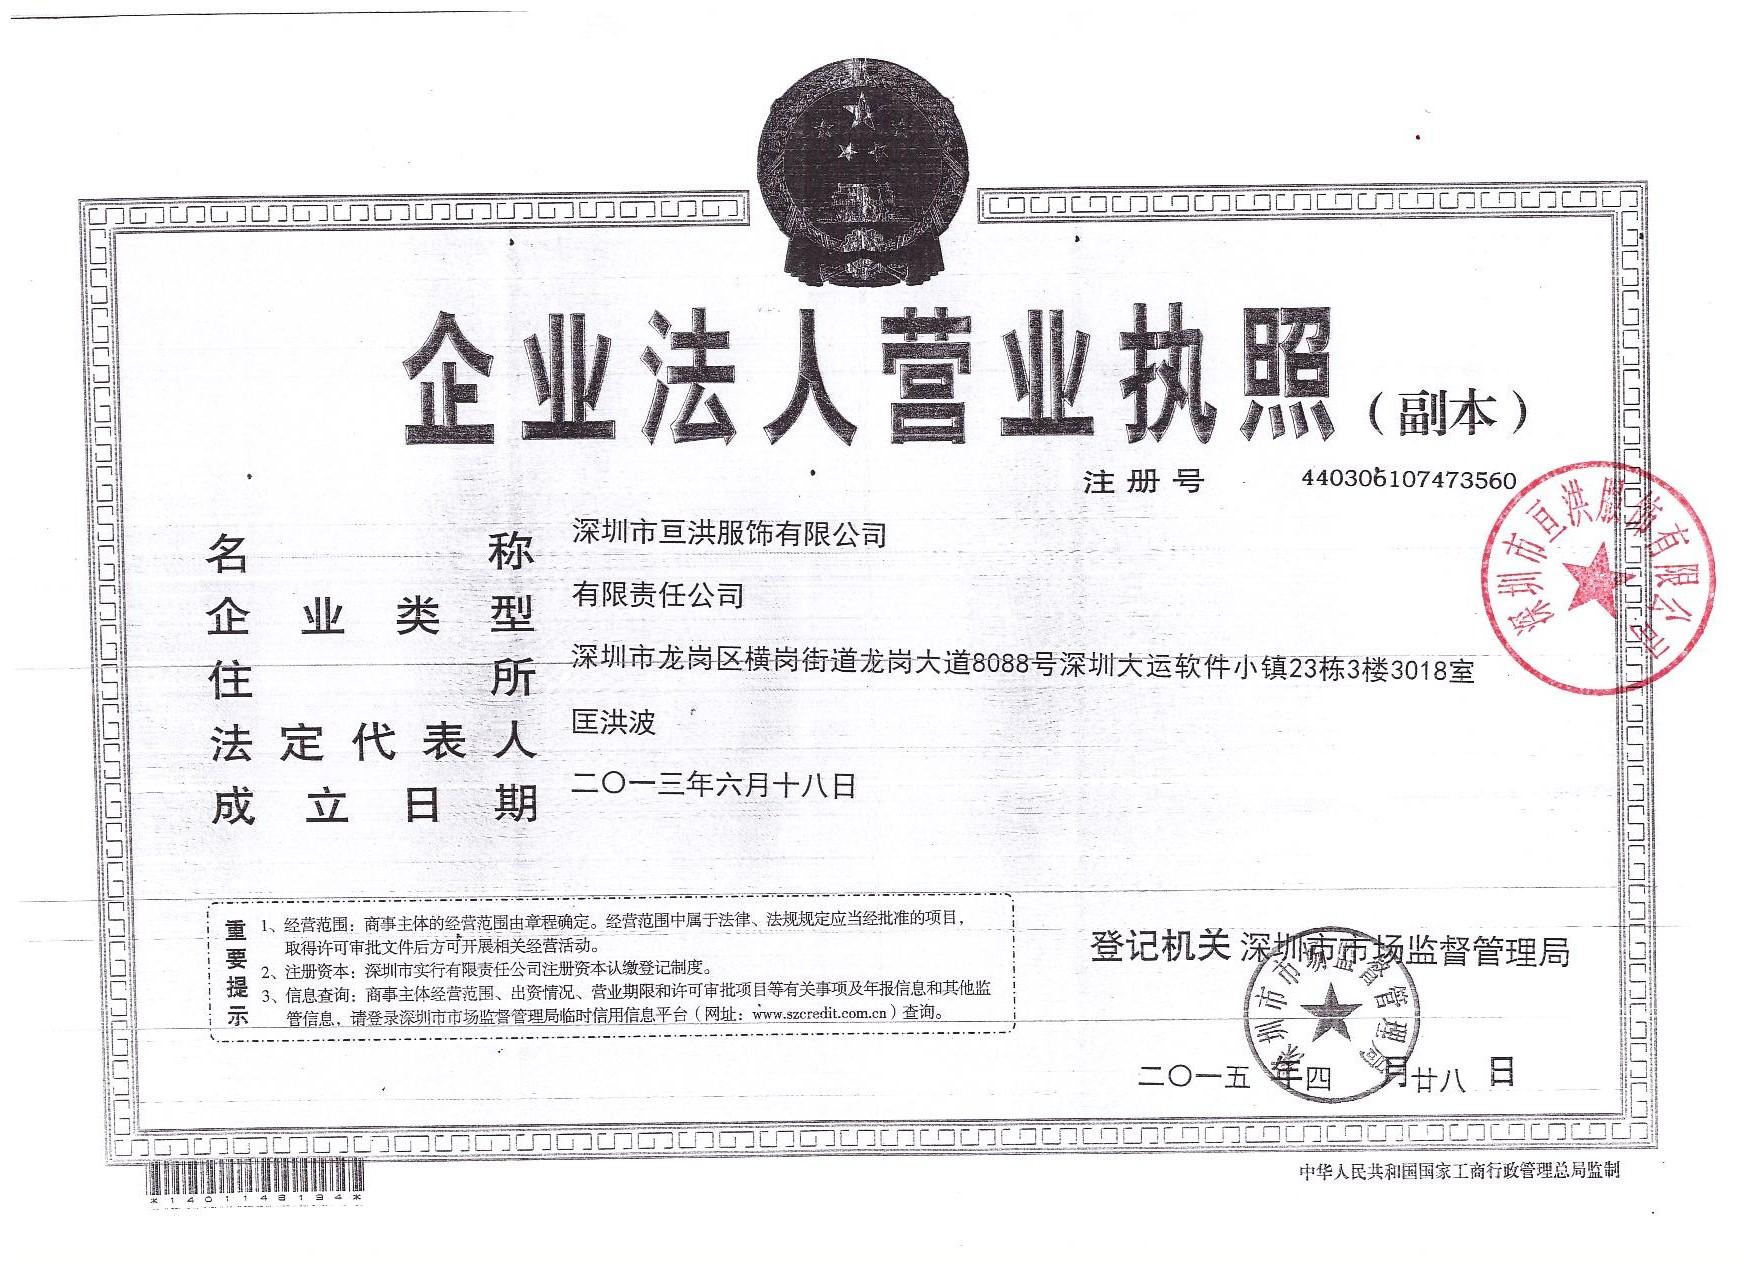 深圳市亘洪服饰有限公司企业档案